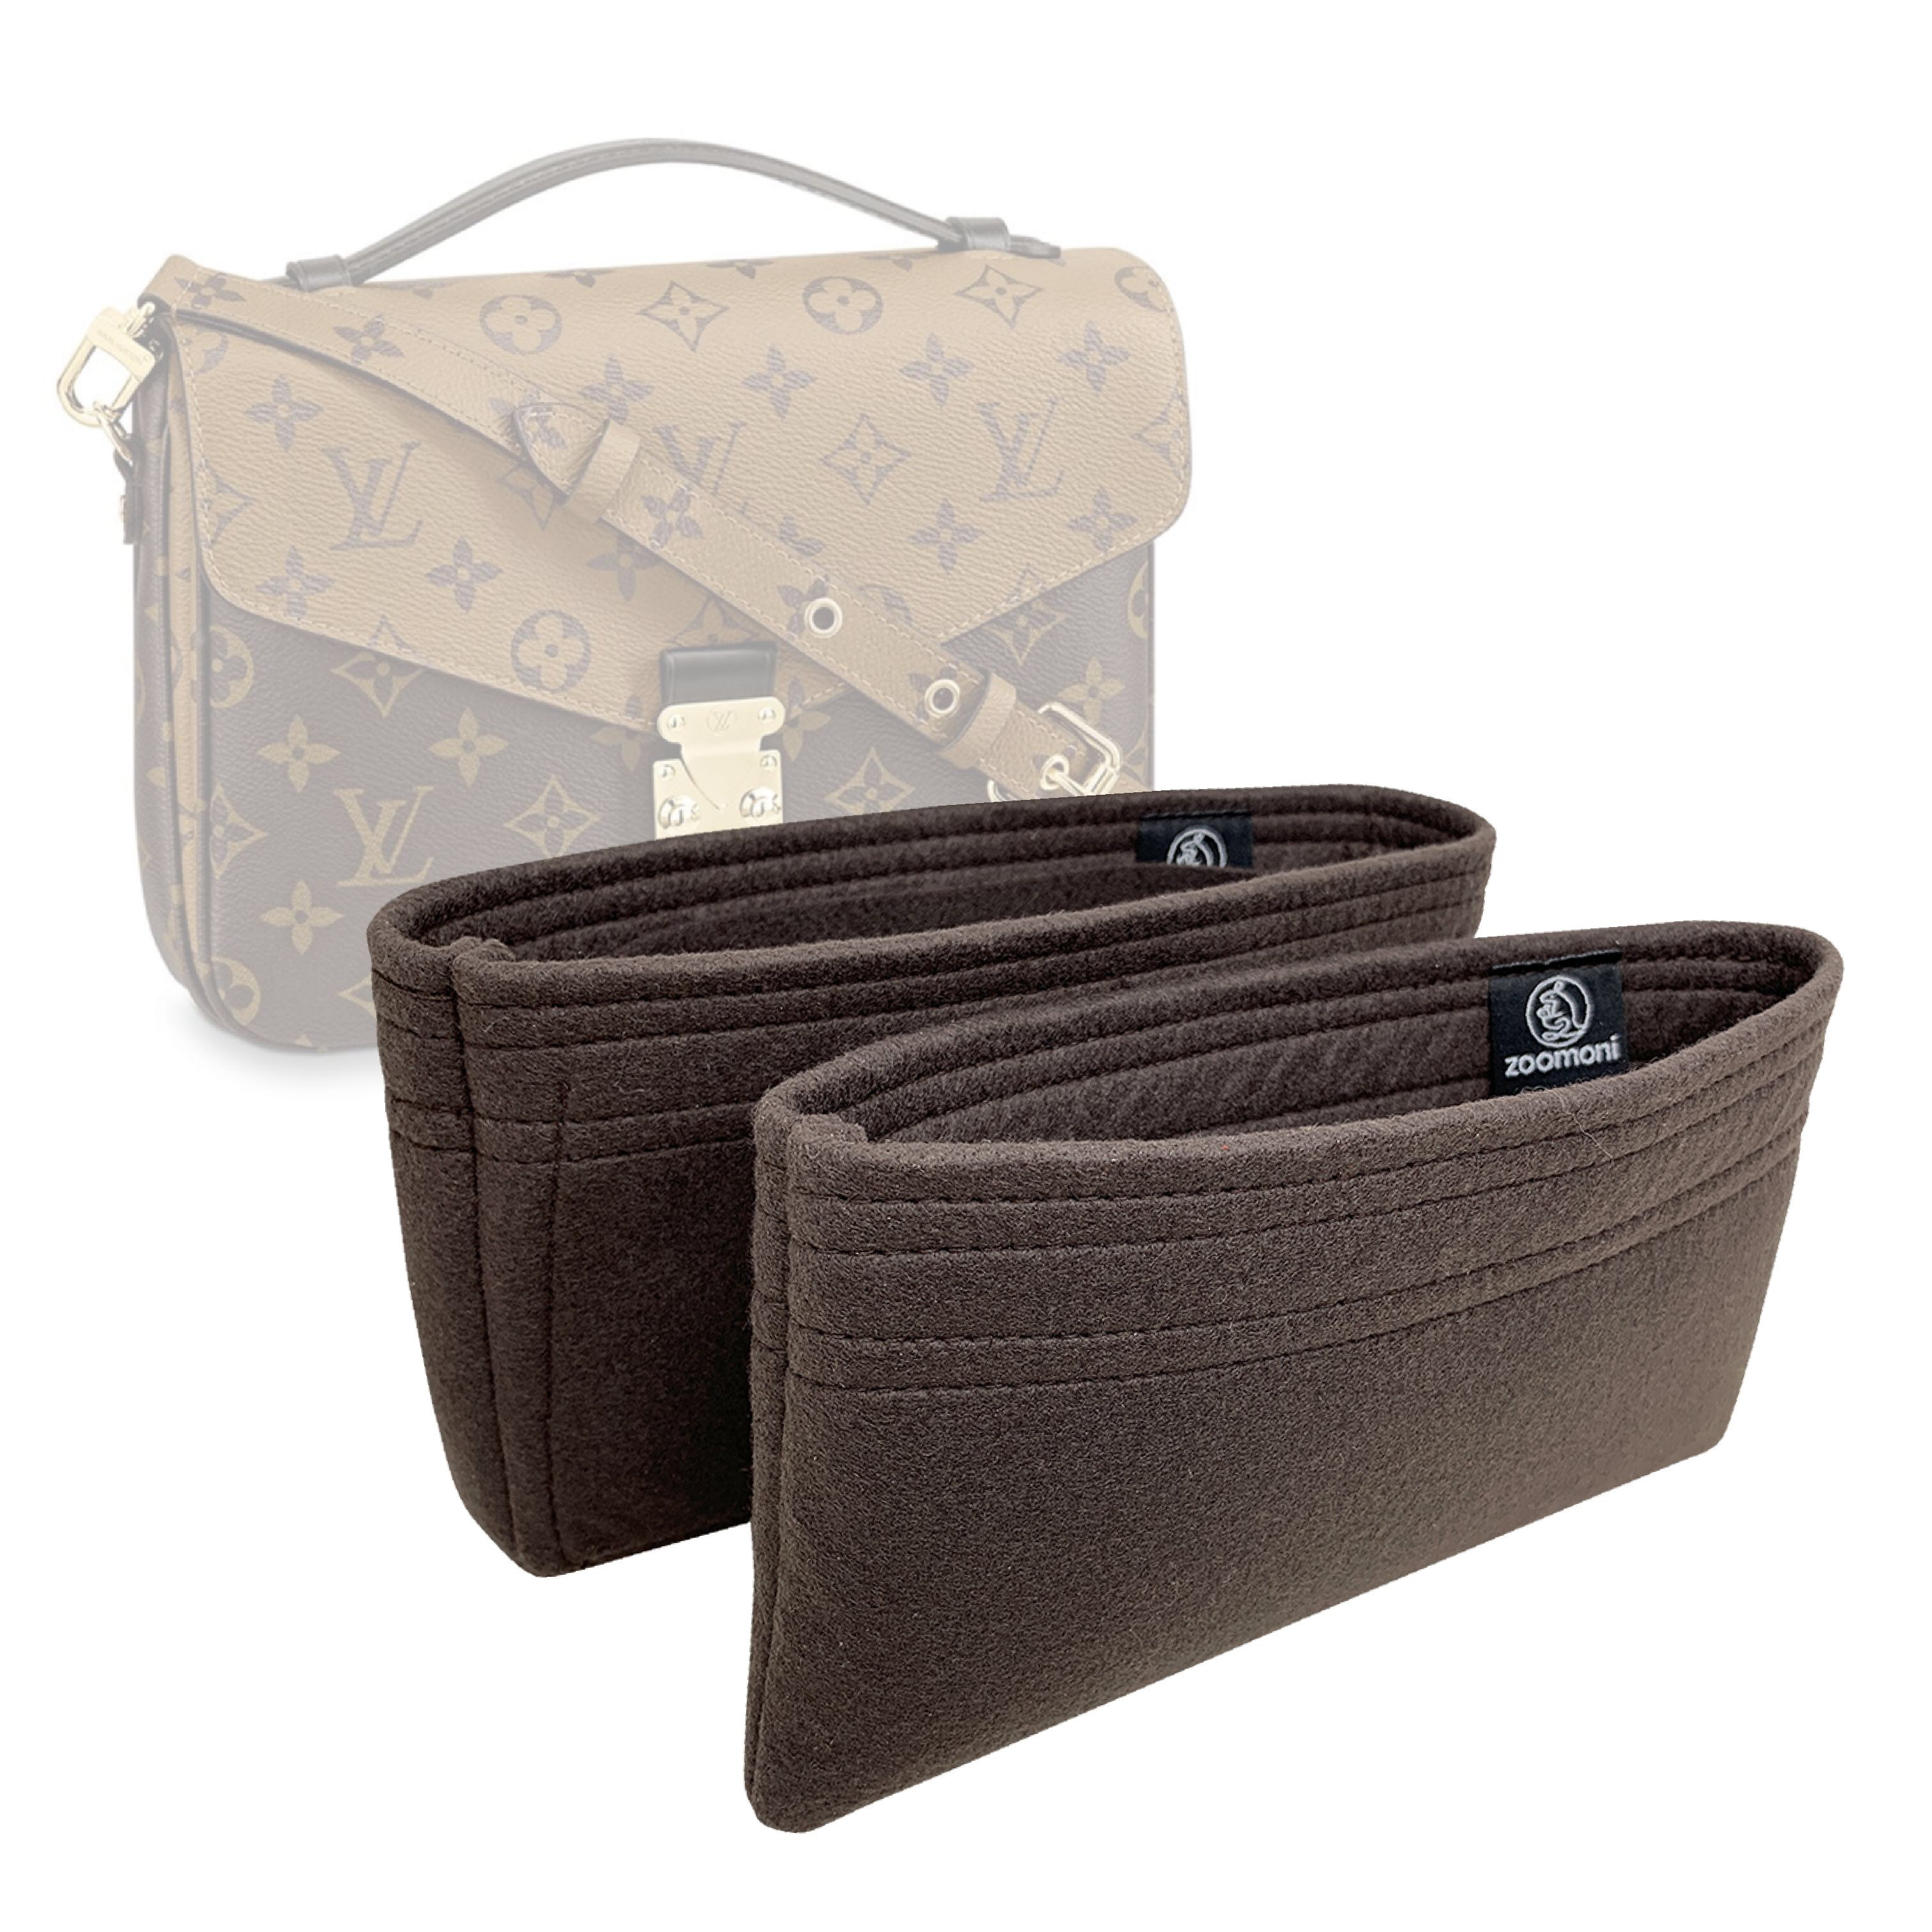 4425a10319 Louis Vuitton Pochette Metis Bag Organizer (Set of 2) – Zoomoni